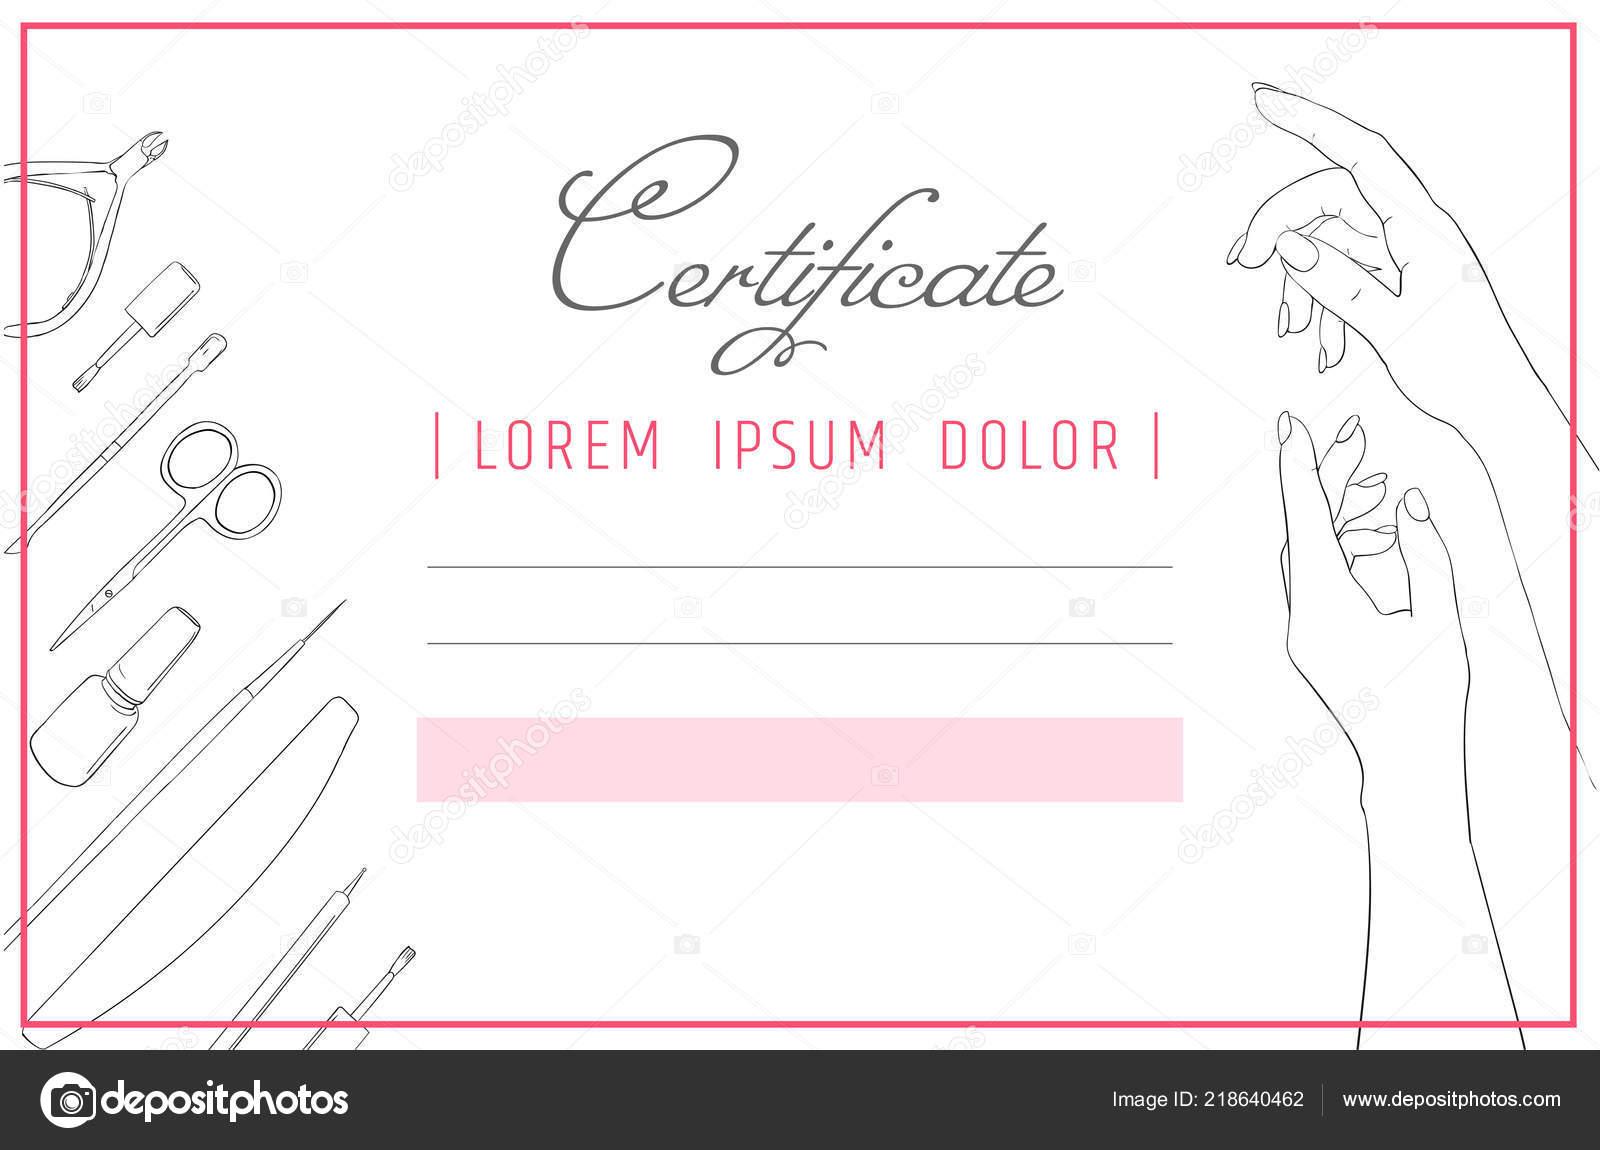 Manucure De Modele De Certificat Et Nail Design Diplome Spa Soins